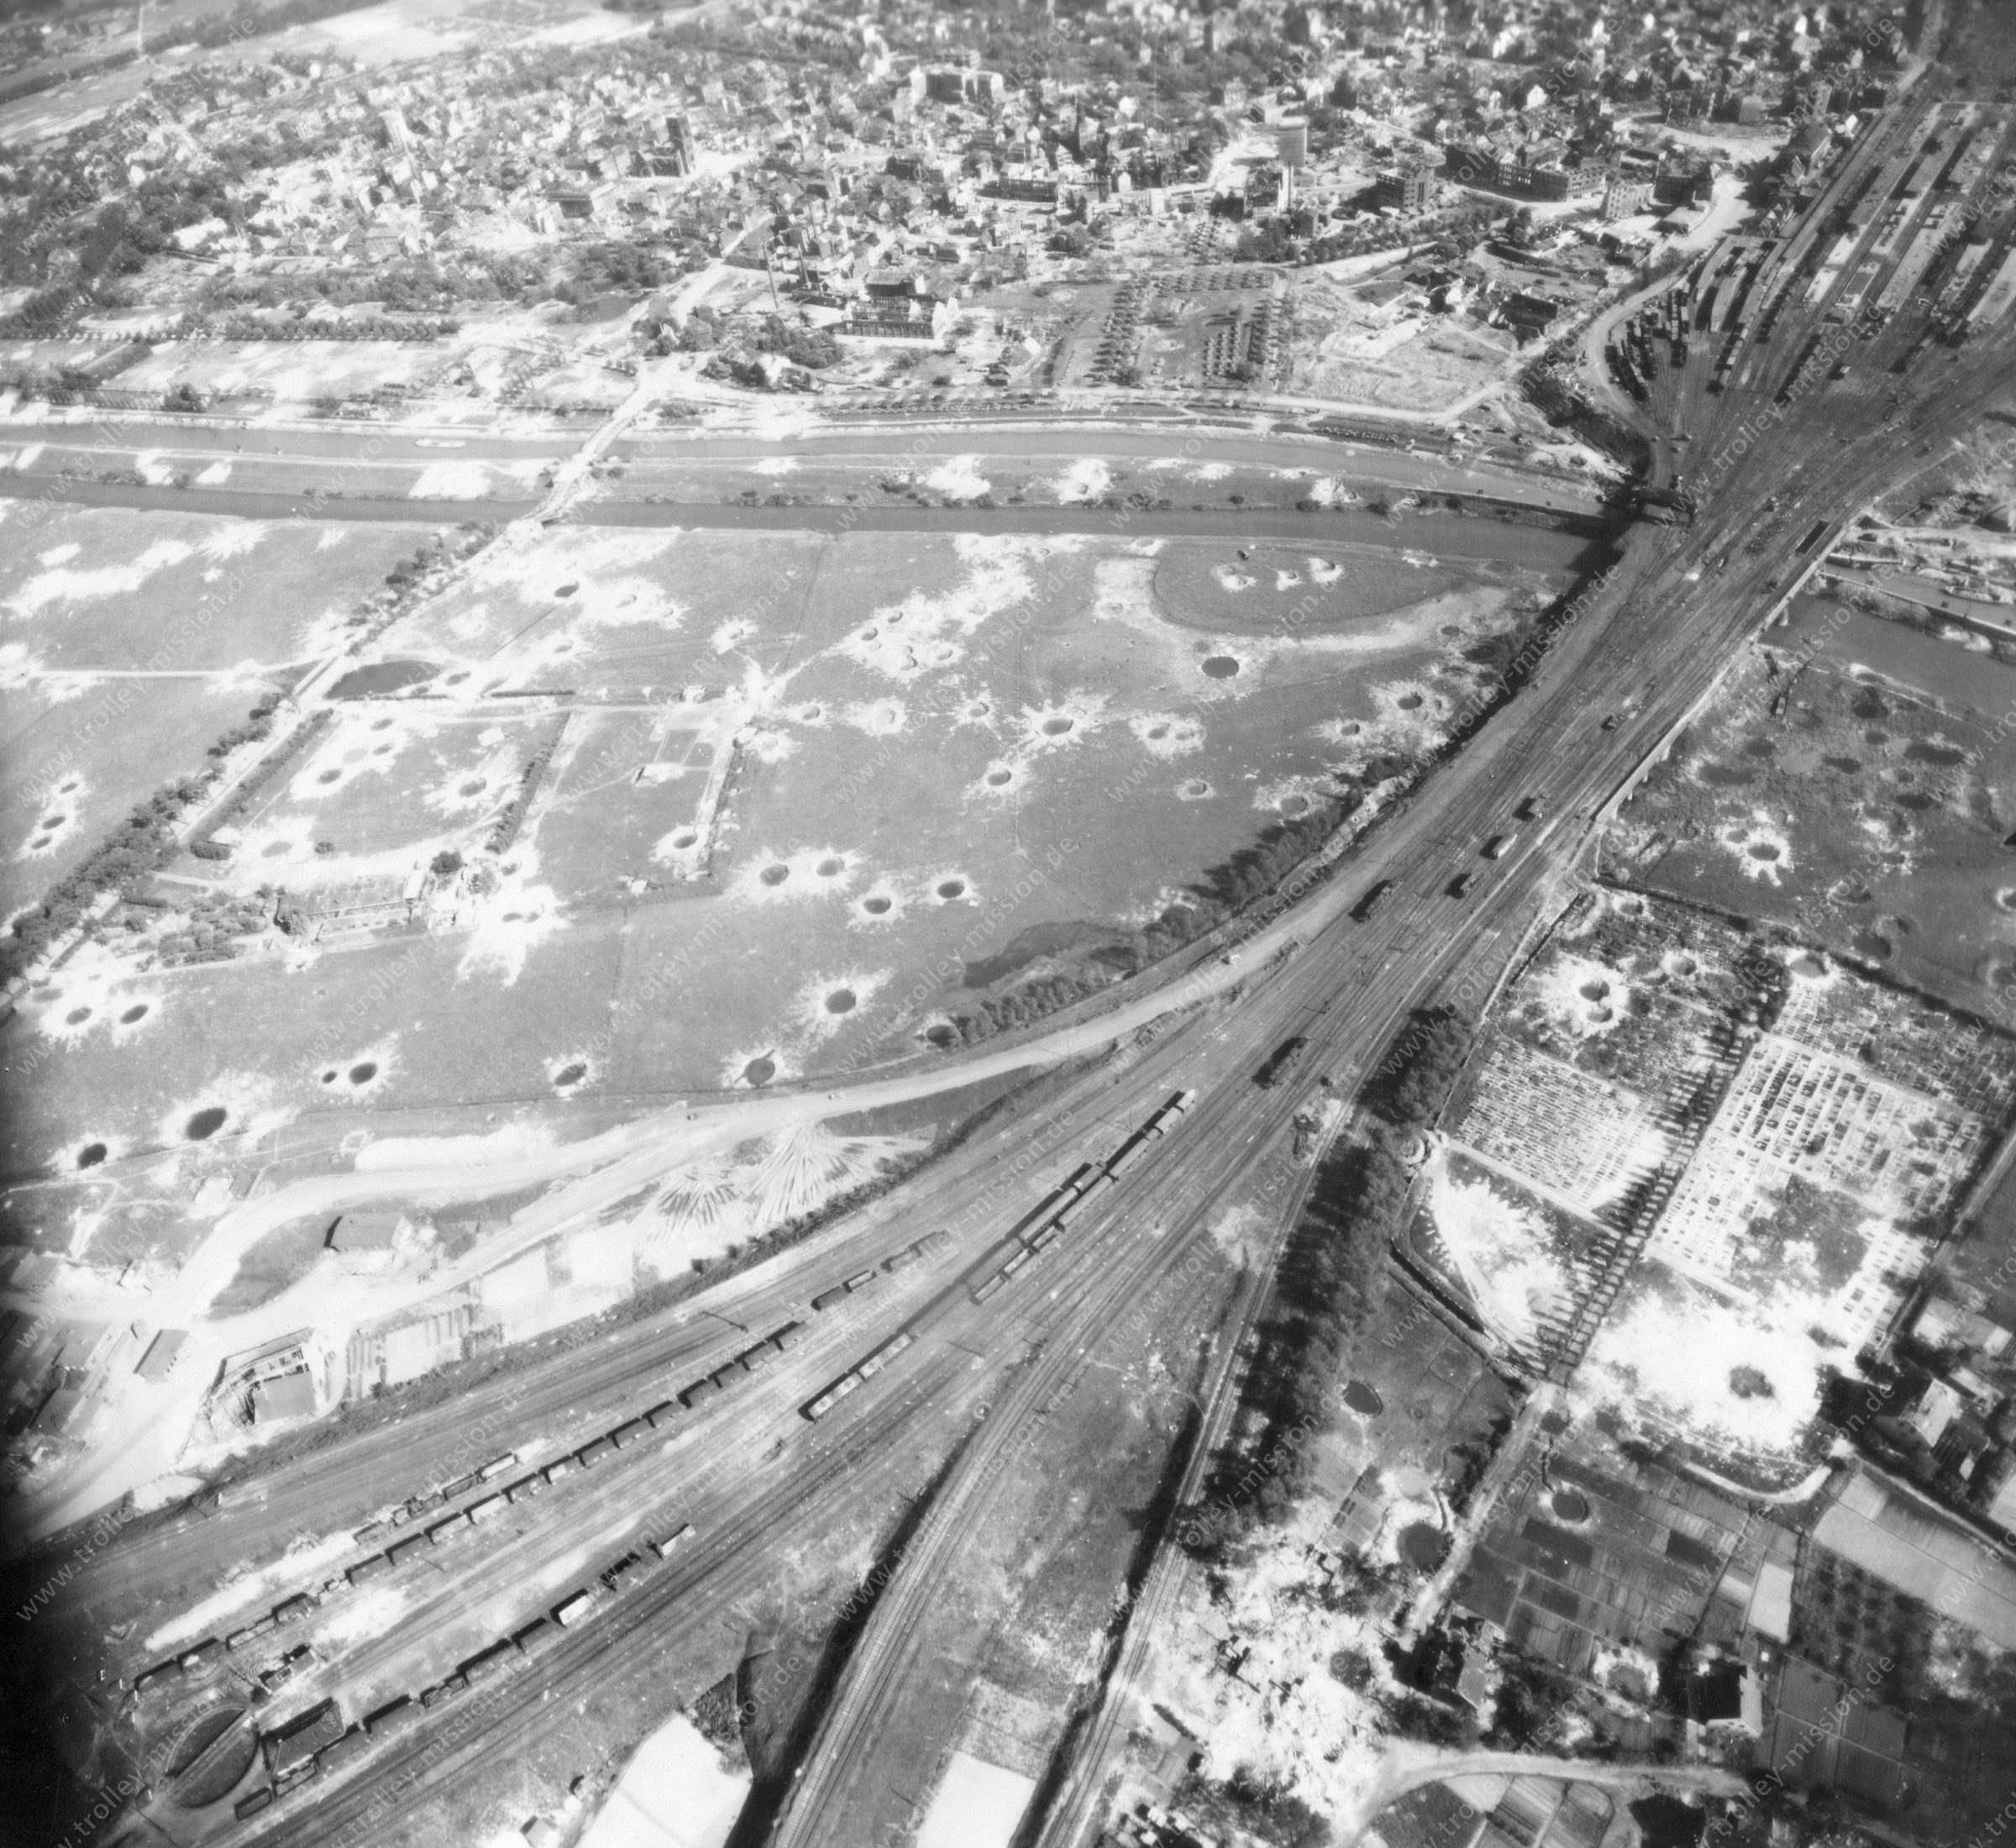 Luftbild von Hamm am 12. Mai 1945 - Luftbildserie 2/5 der US Air Force